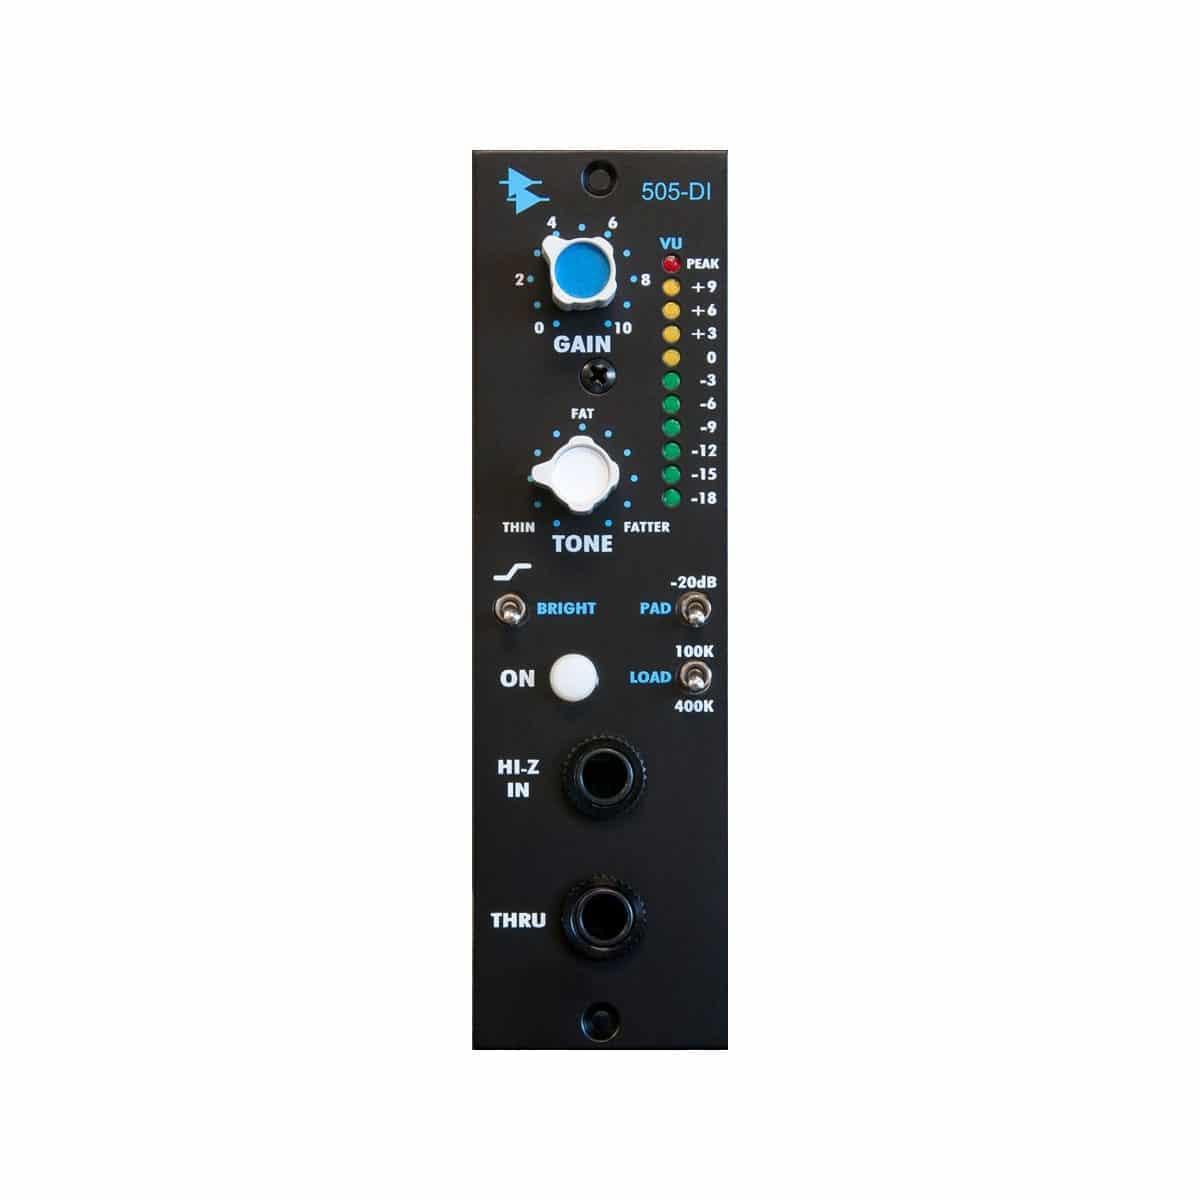 API 505 DI D.I./Reamp, Outboard, Pro Audio API 505 DI 01